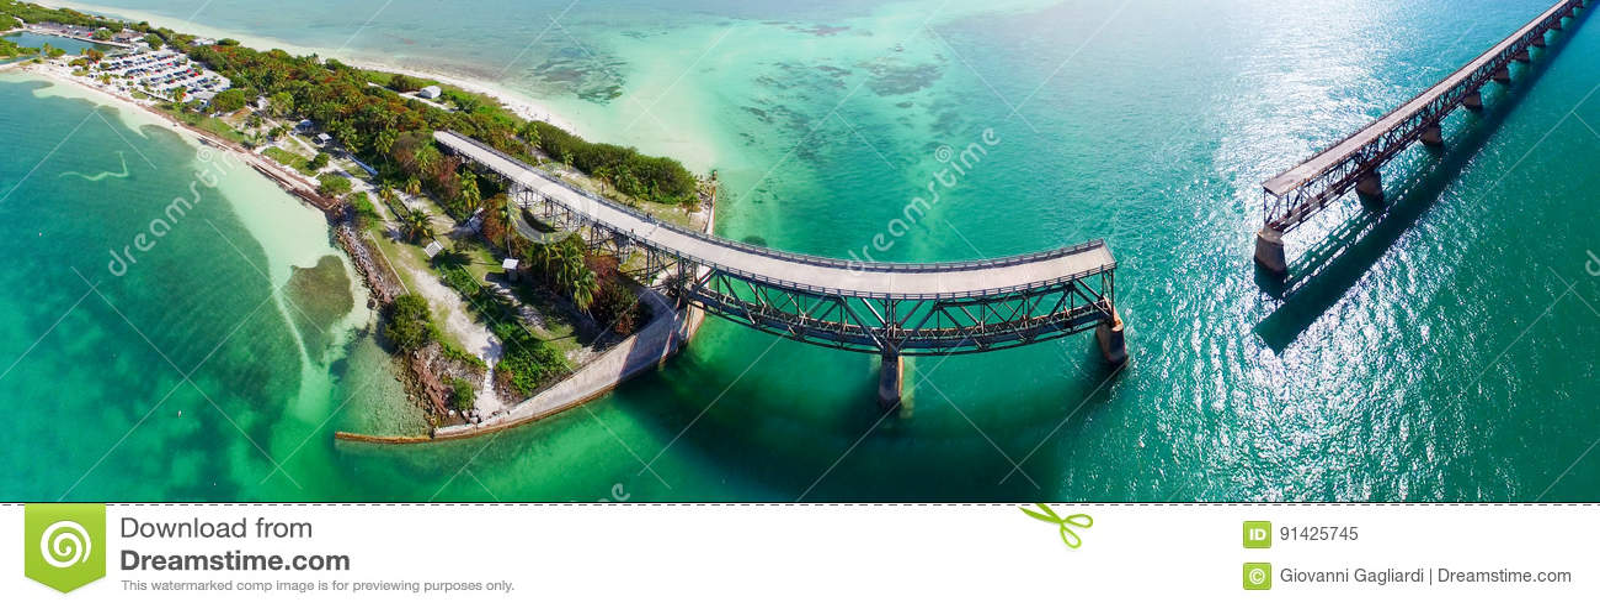 De panoramische luchtmening van Bahia Honda Bridge over Weg Overzee - F